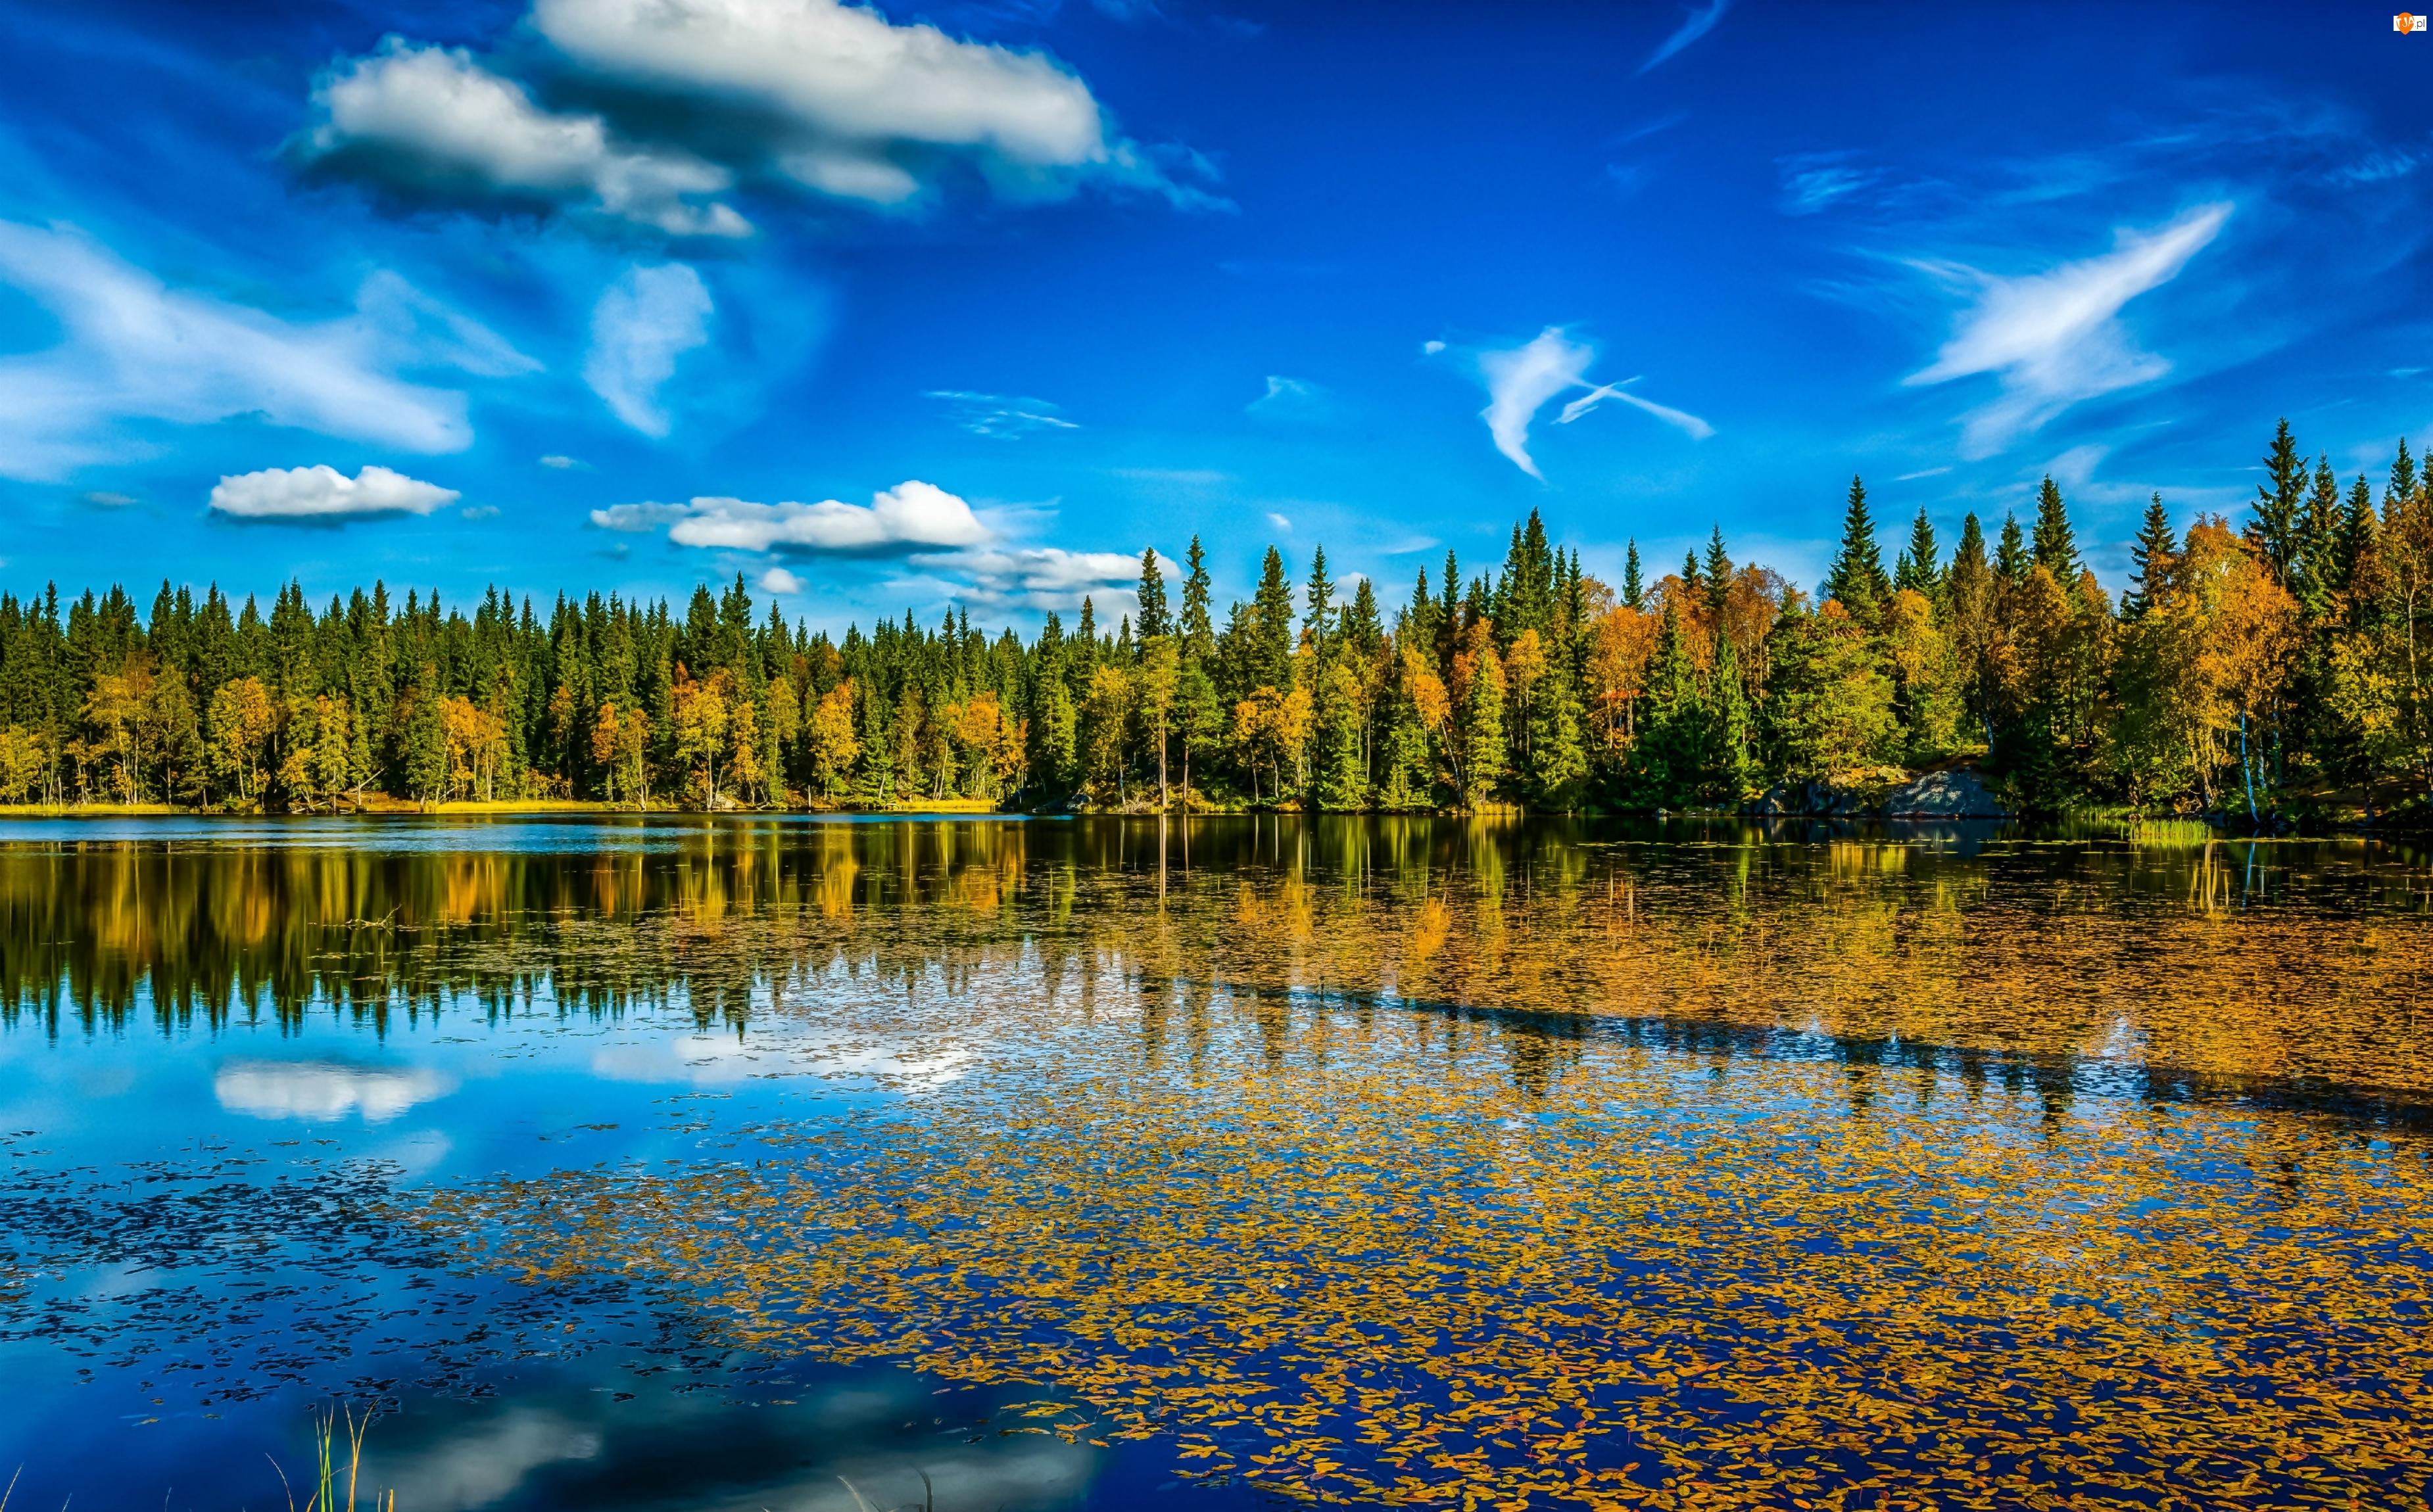 Jesień, Jezioro, Las, Drzewa